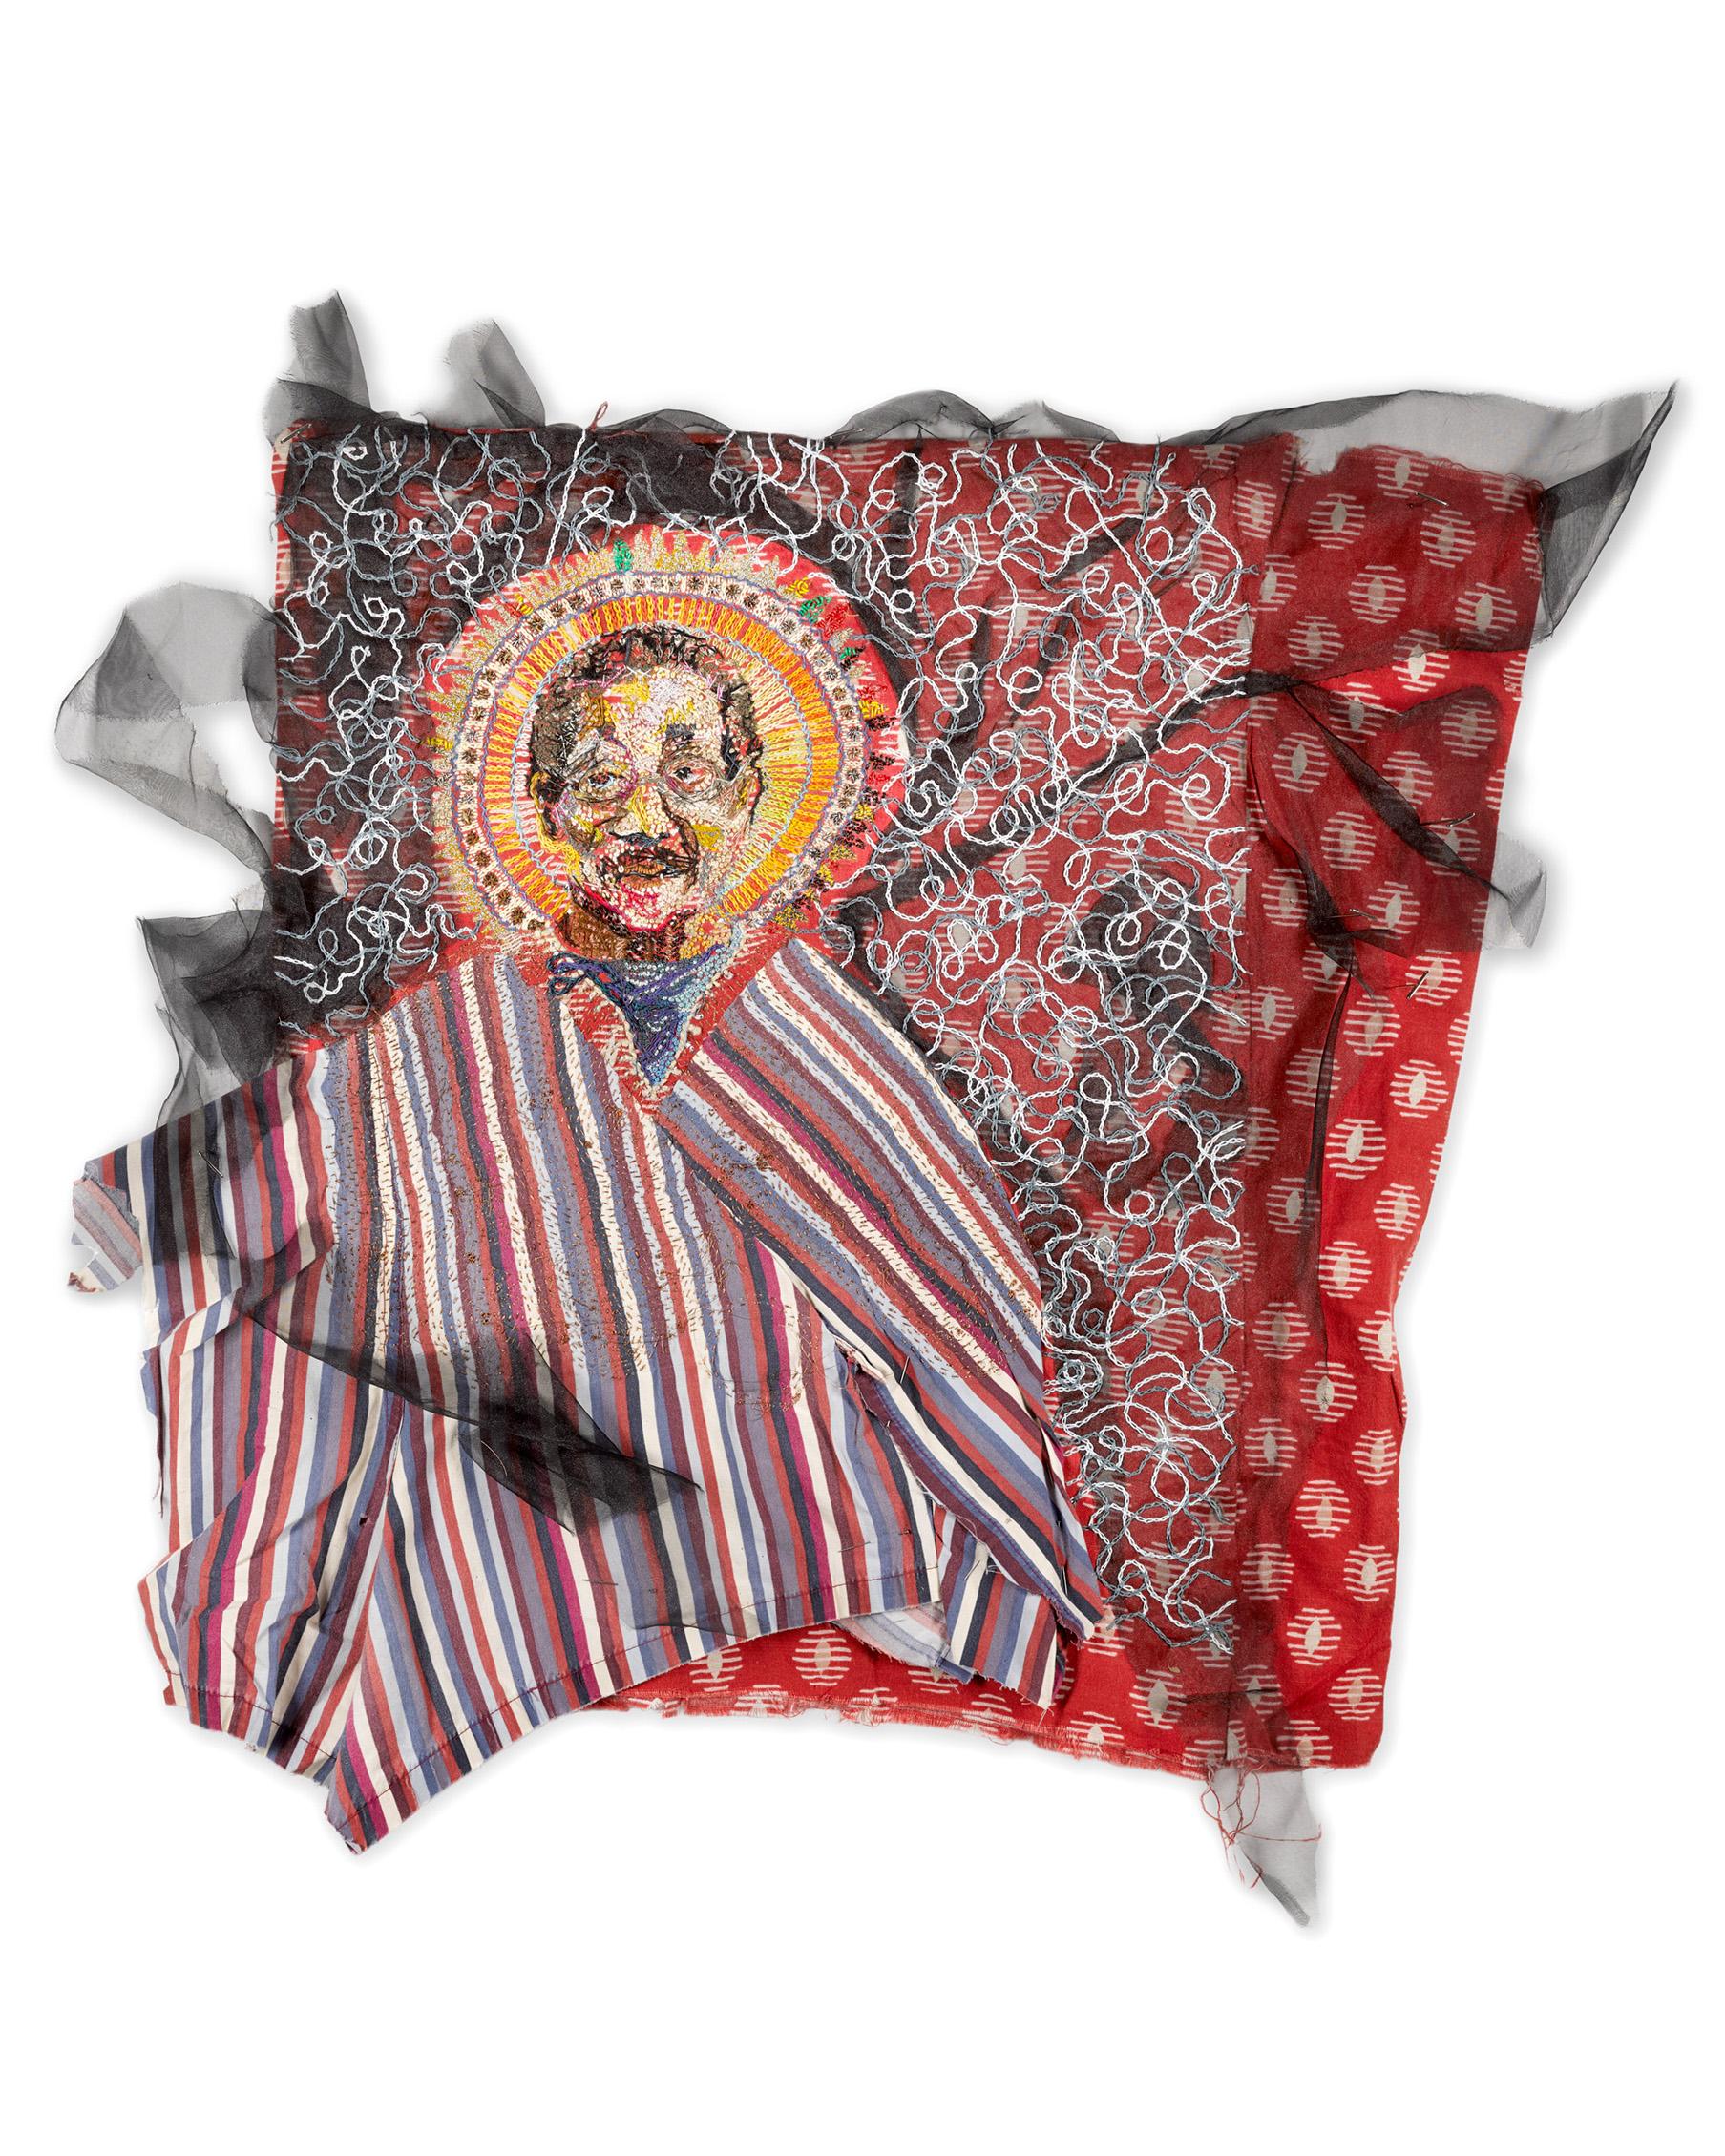 fabric1_2019_06_01_med_res_4x5.jpg